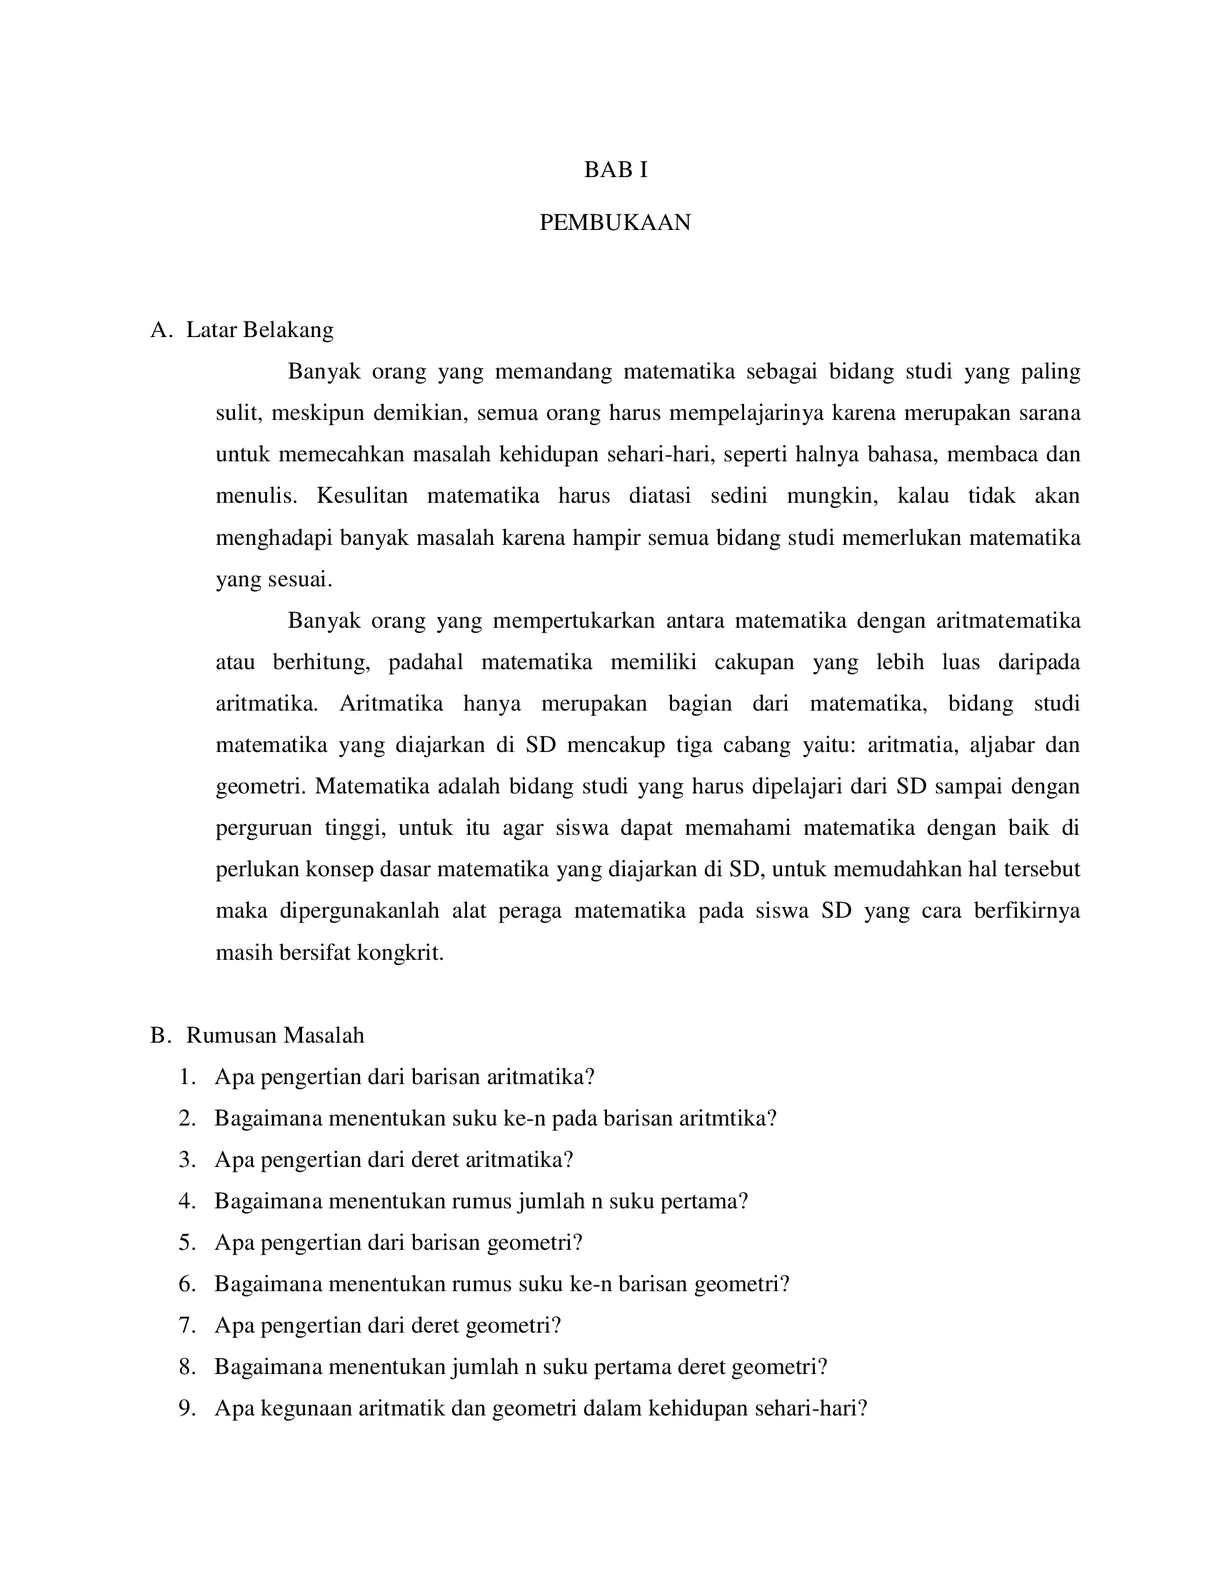 Pengertian Barisan Aritmatika : pengertian, barisan, aritmatika, Calaméo, Baris, Deret, Kelas